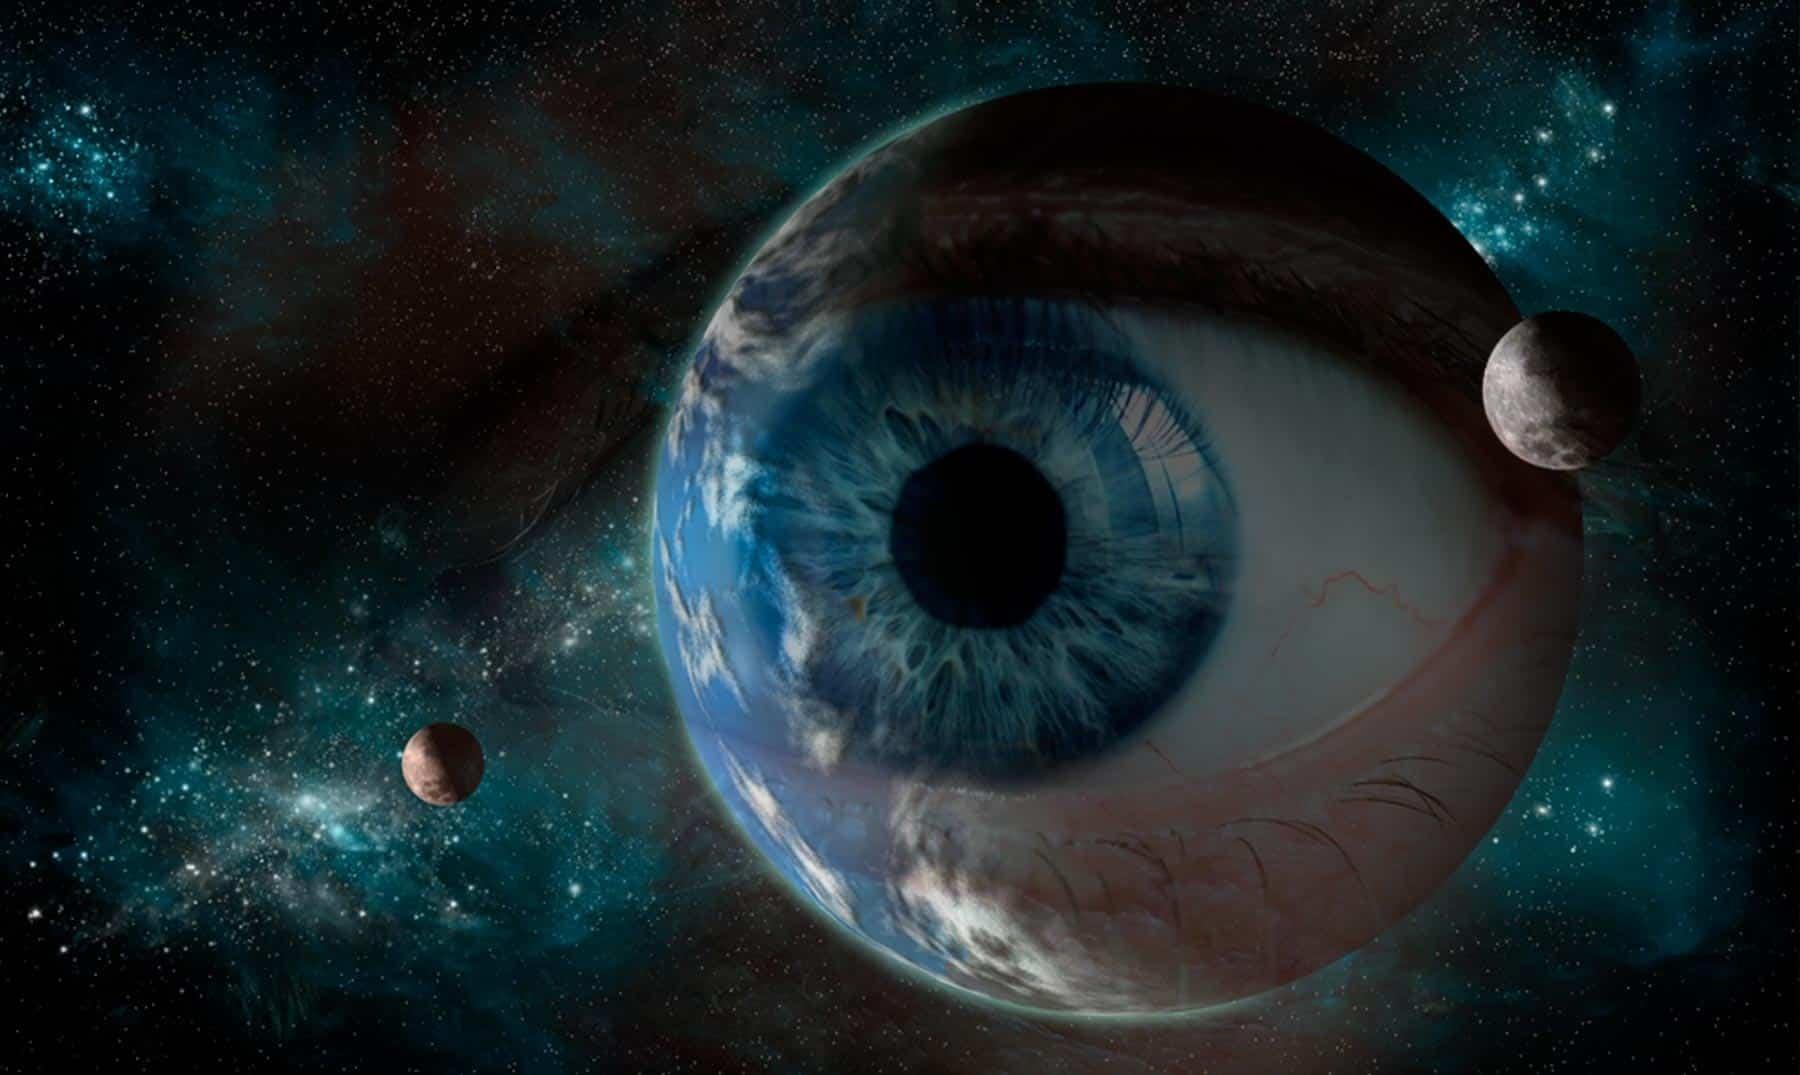 90 curiosidades do mundo que são quase inacreditáveis